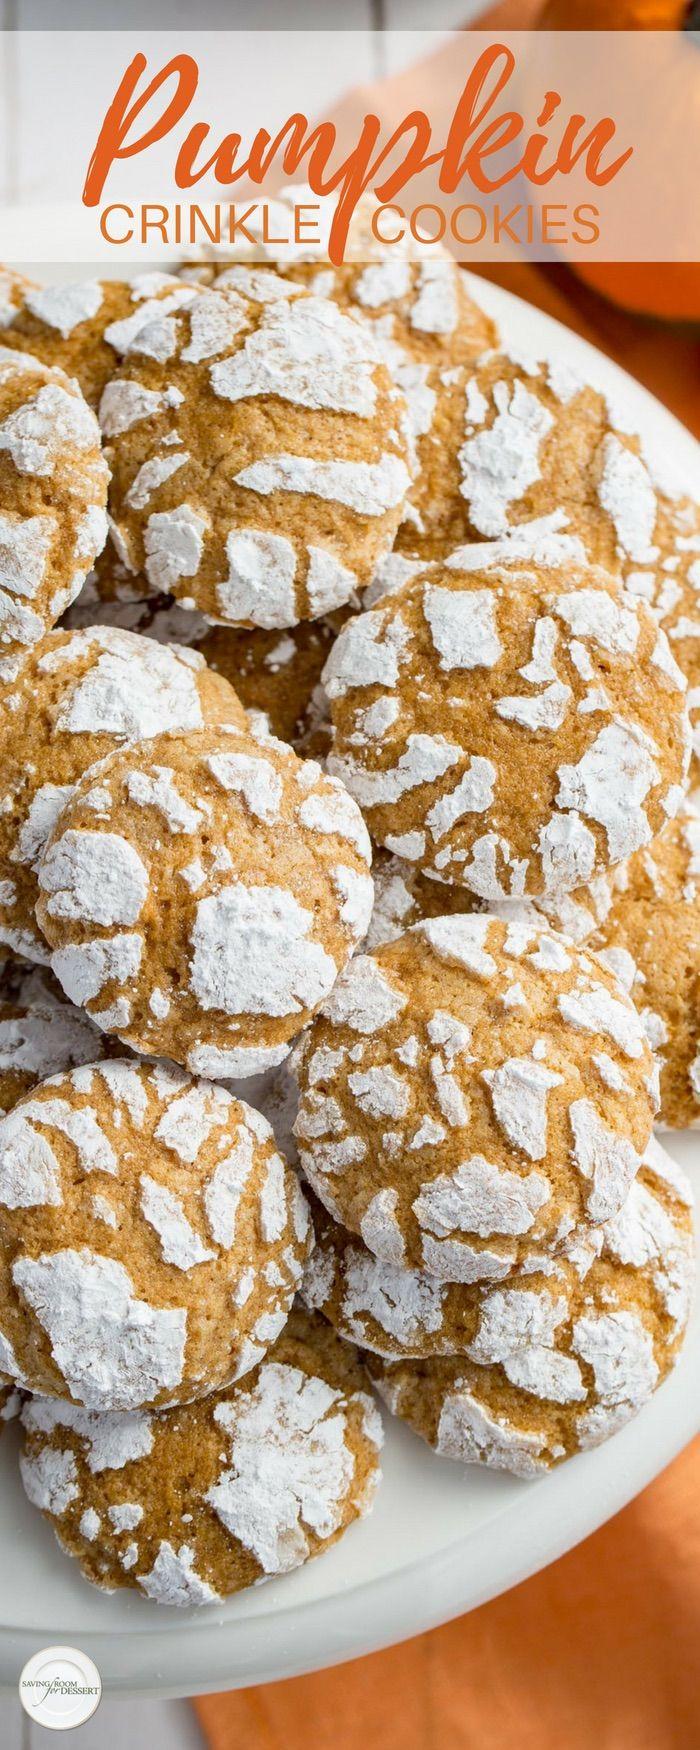 Pumpkin Crinkle Cookies #pumpkindesserts